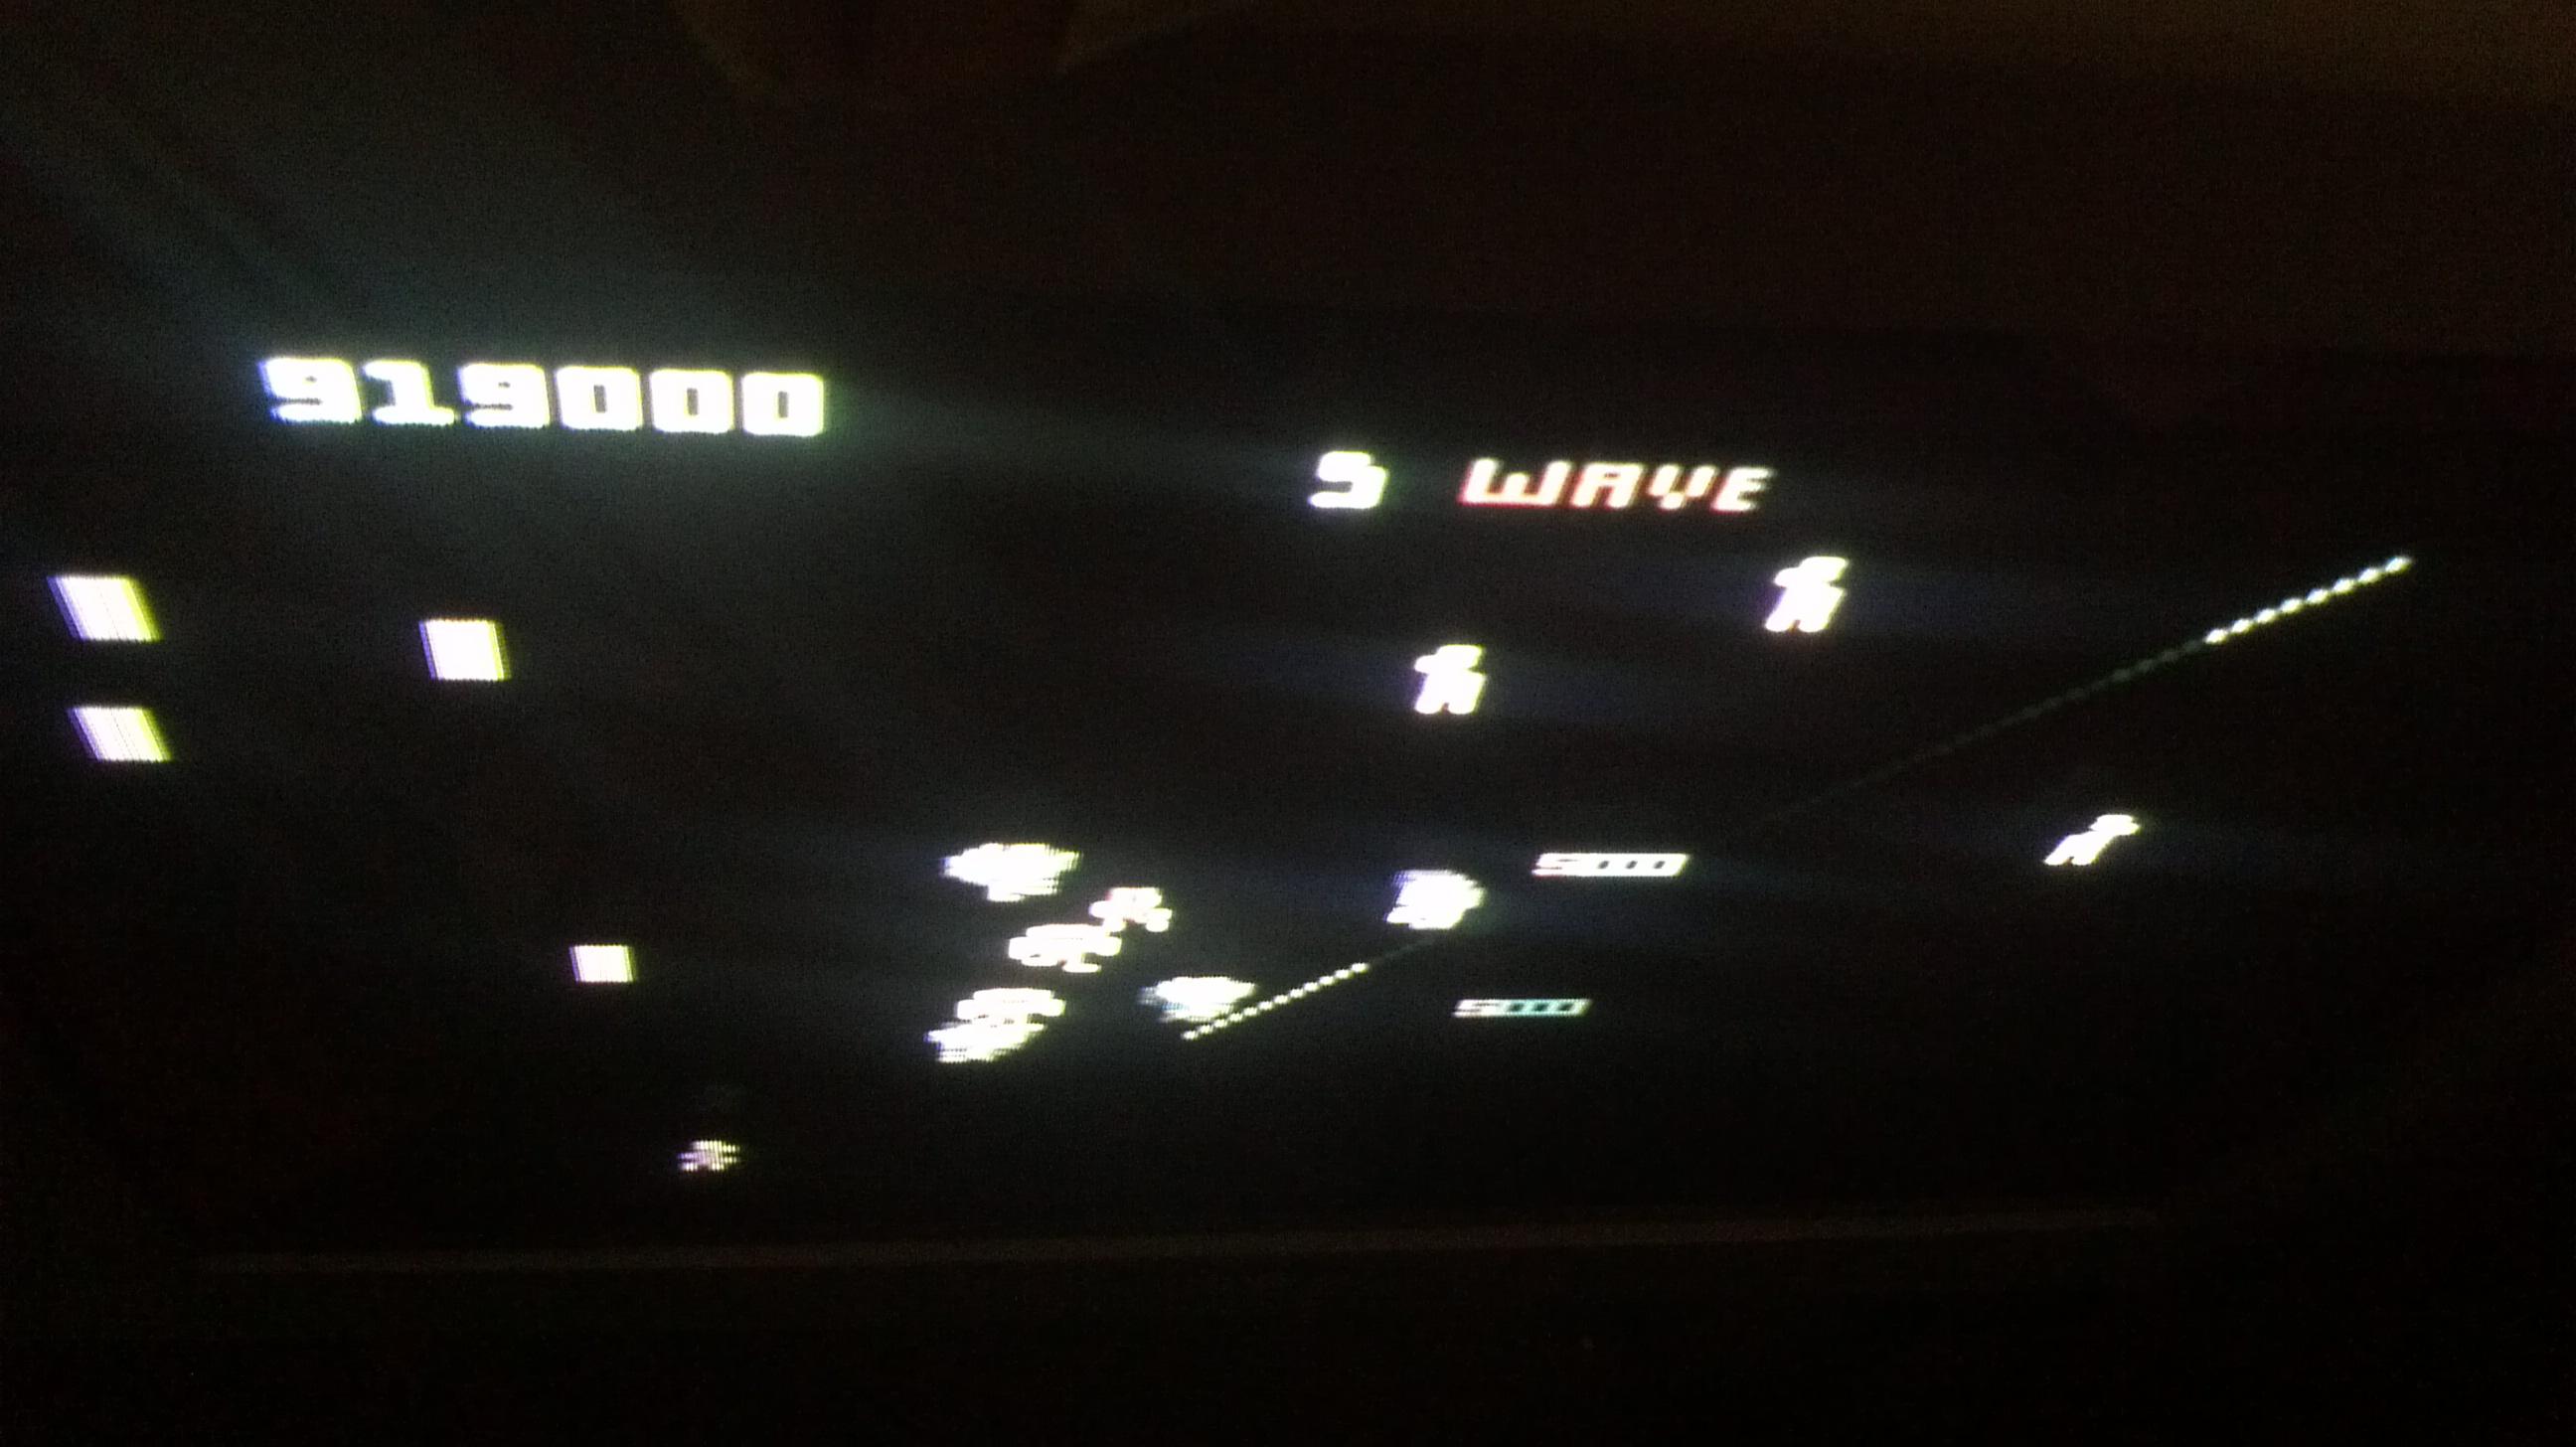 Liduario: Robotron 2084: Novice (Atari 7800) 919,000 points on 2014-03-15 16:25:26